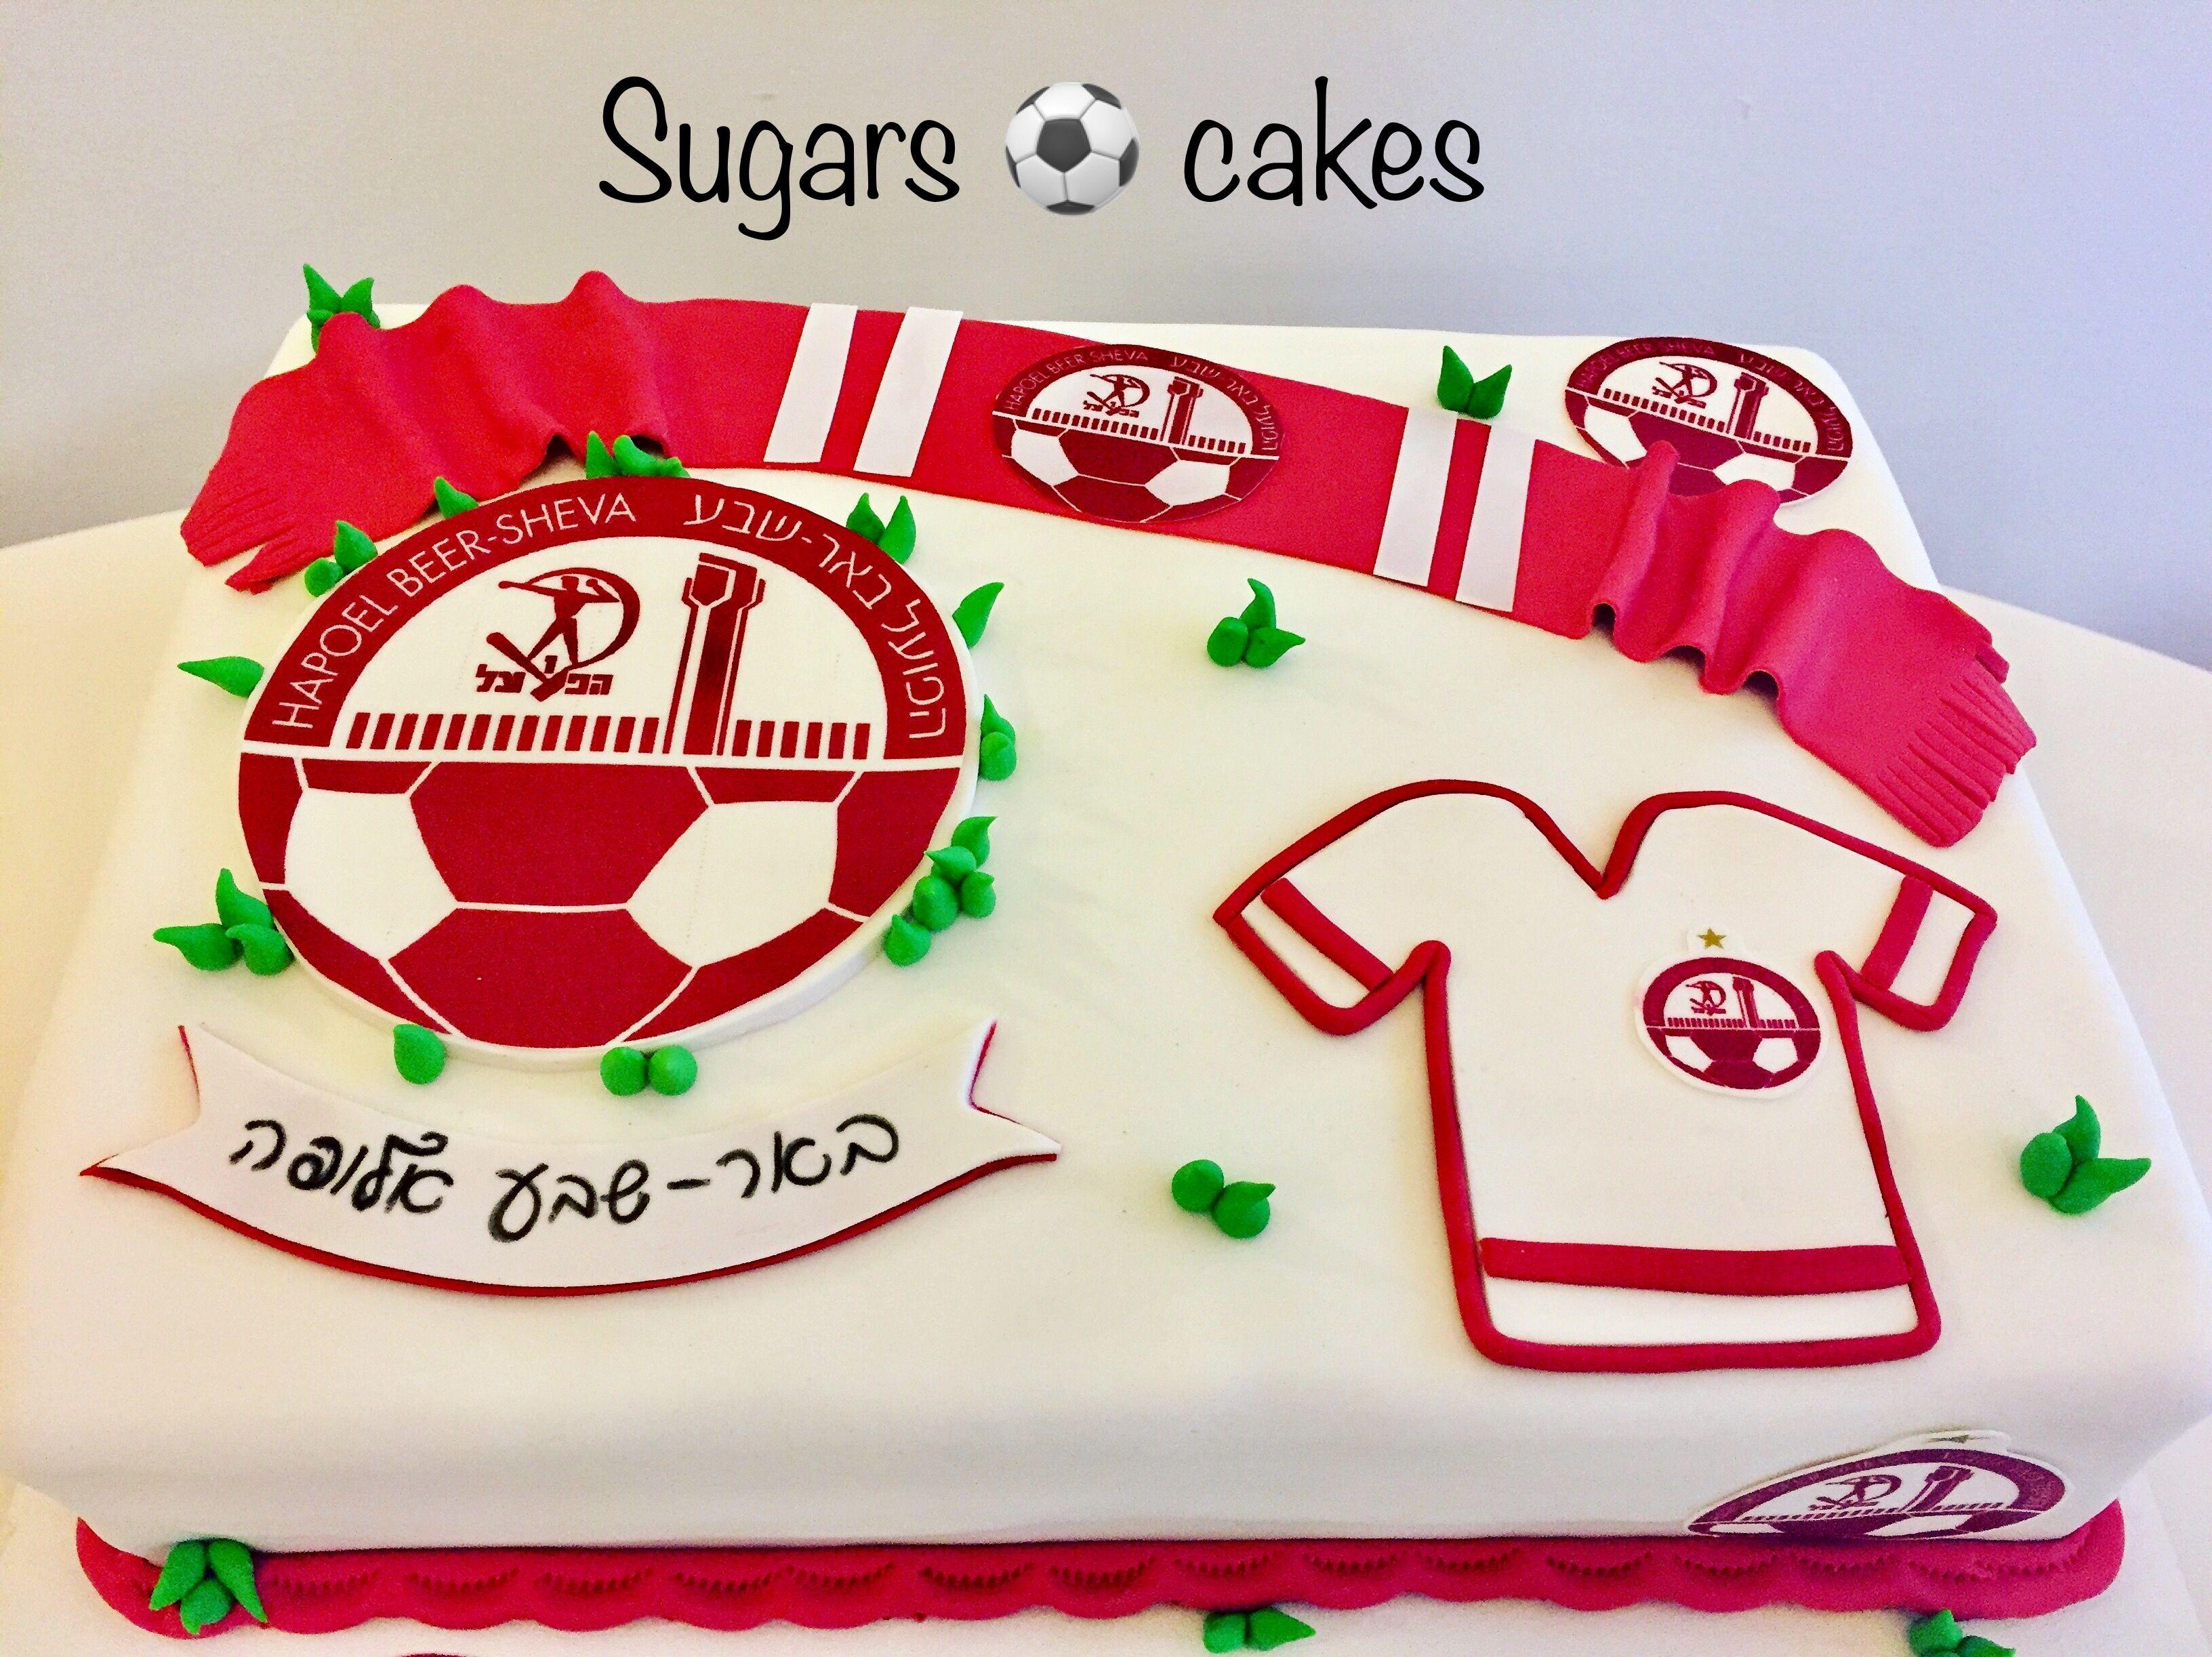 עוגת כדורגל הפועל באר שבע Football cake   Beer cake, Sugar cake, Cake